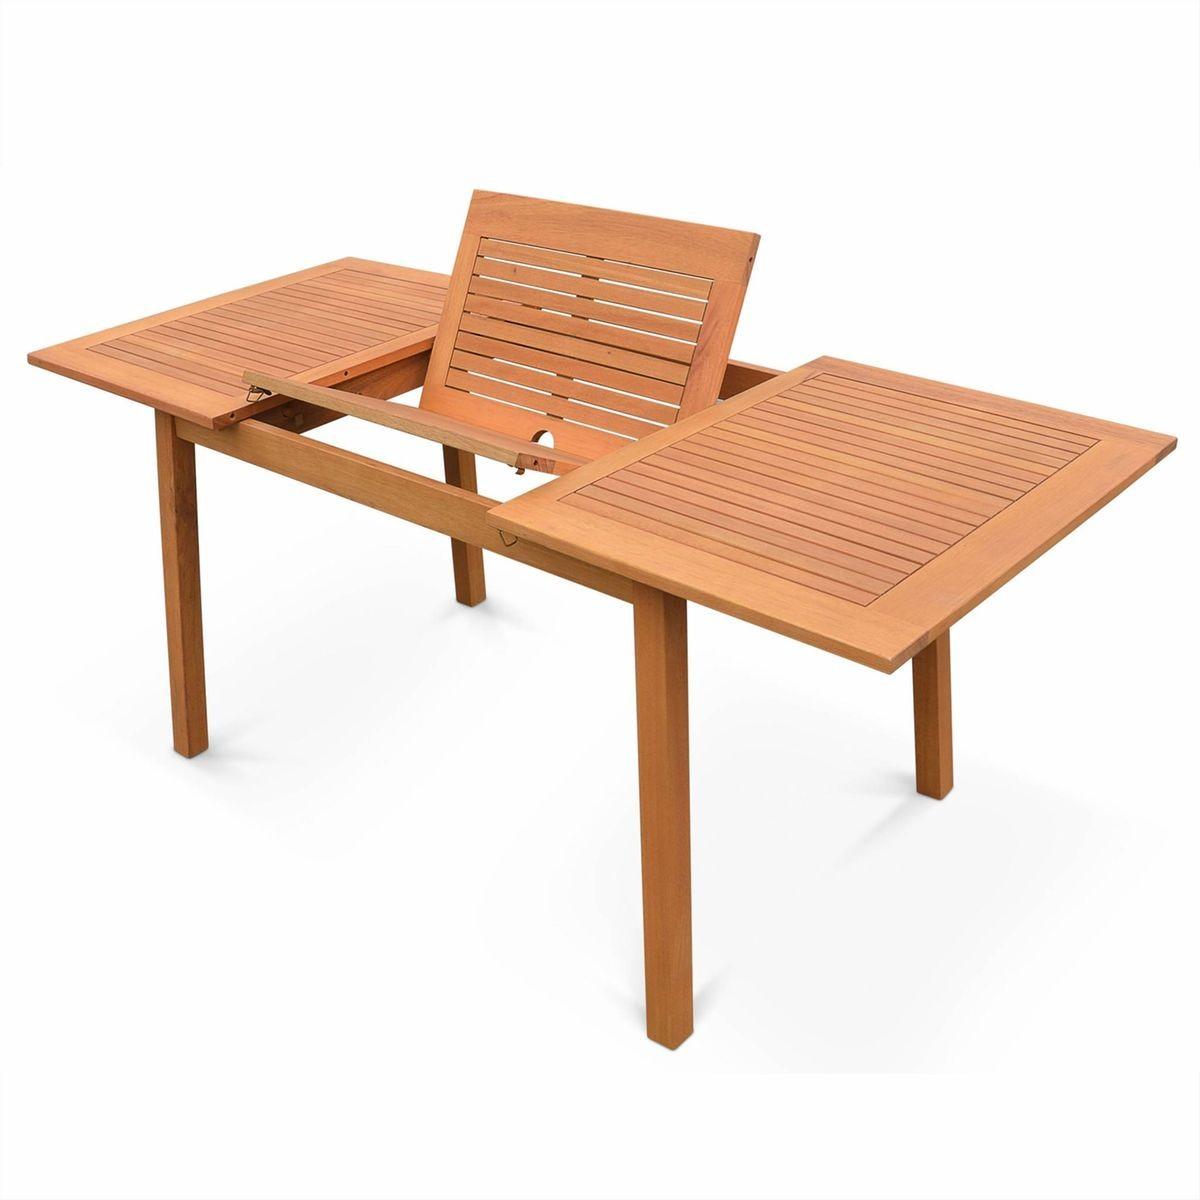 Table De Jardin En Bois Almeria 120-180cm Rectangulaire Avec ...